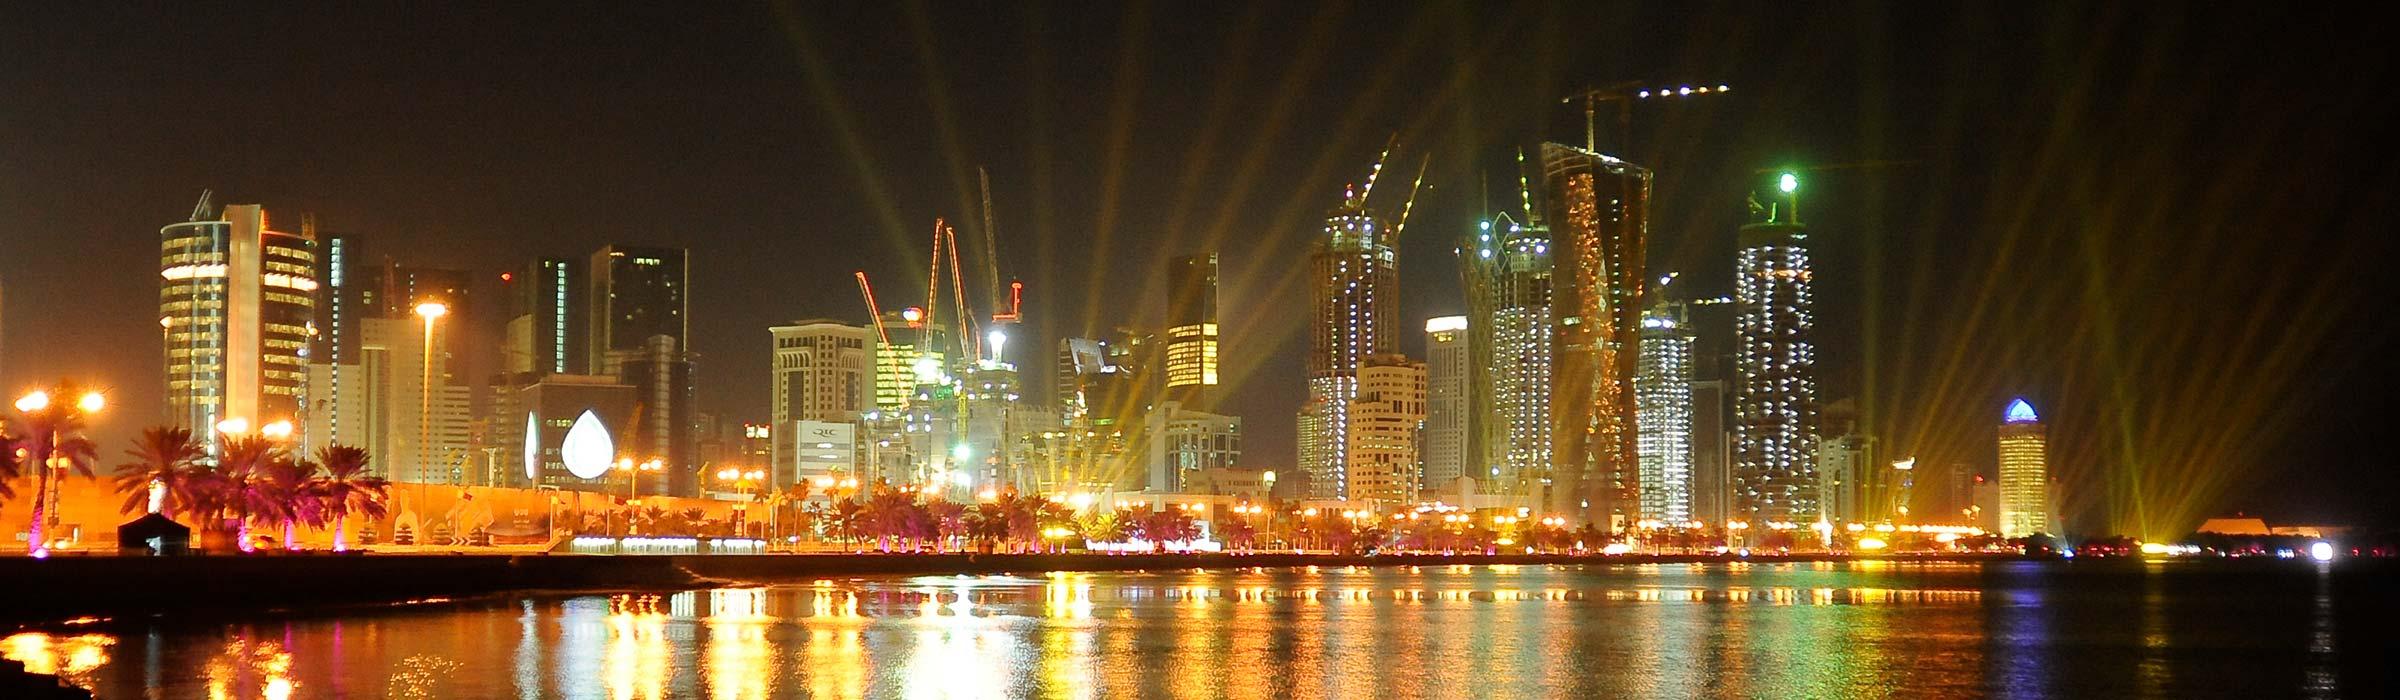 Referenz Qatar Nationalfeiertag